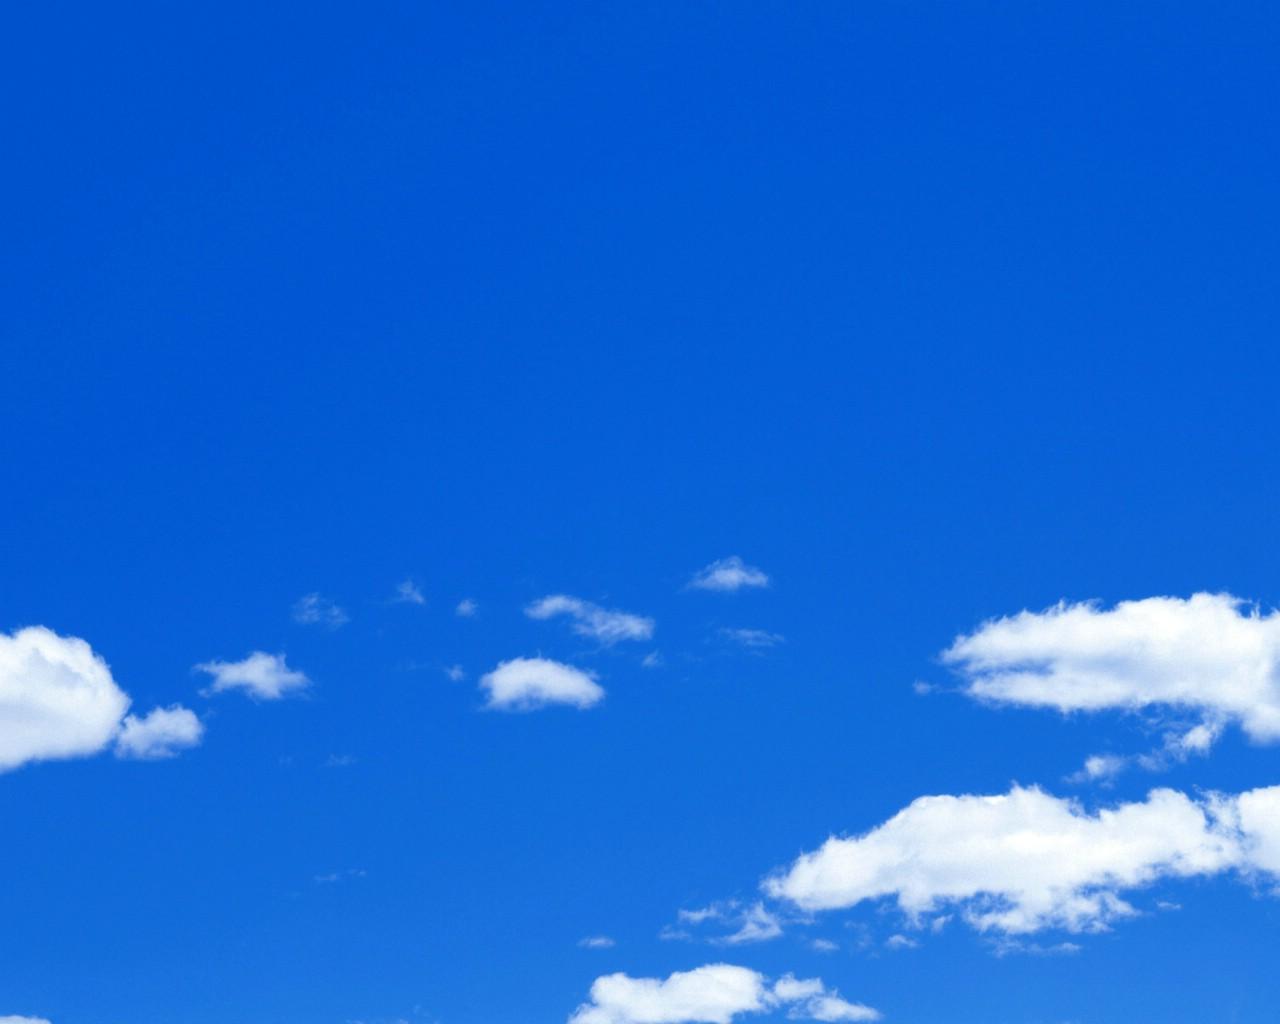 壁纸1280×1024天空云朵 蓝天白云壁纸壁纸 蔚蓝天空蓝天白云壁纸壁纸图片风景壁纸风景图片素材桌面壁纸